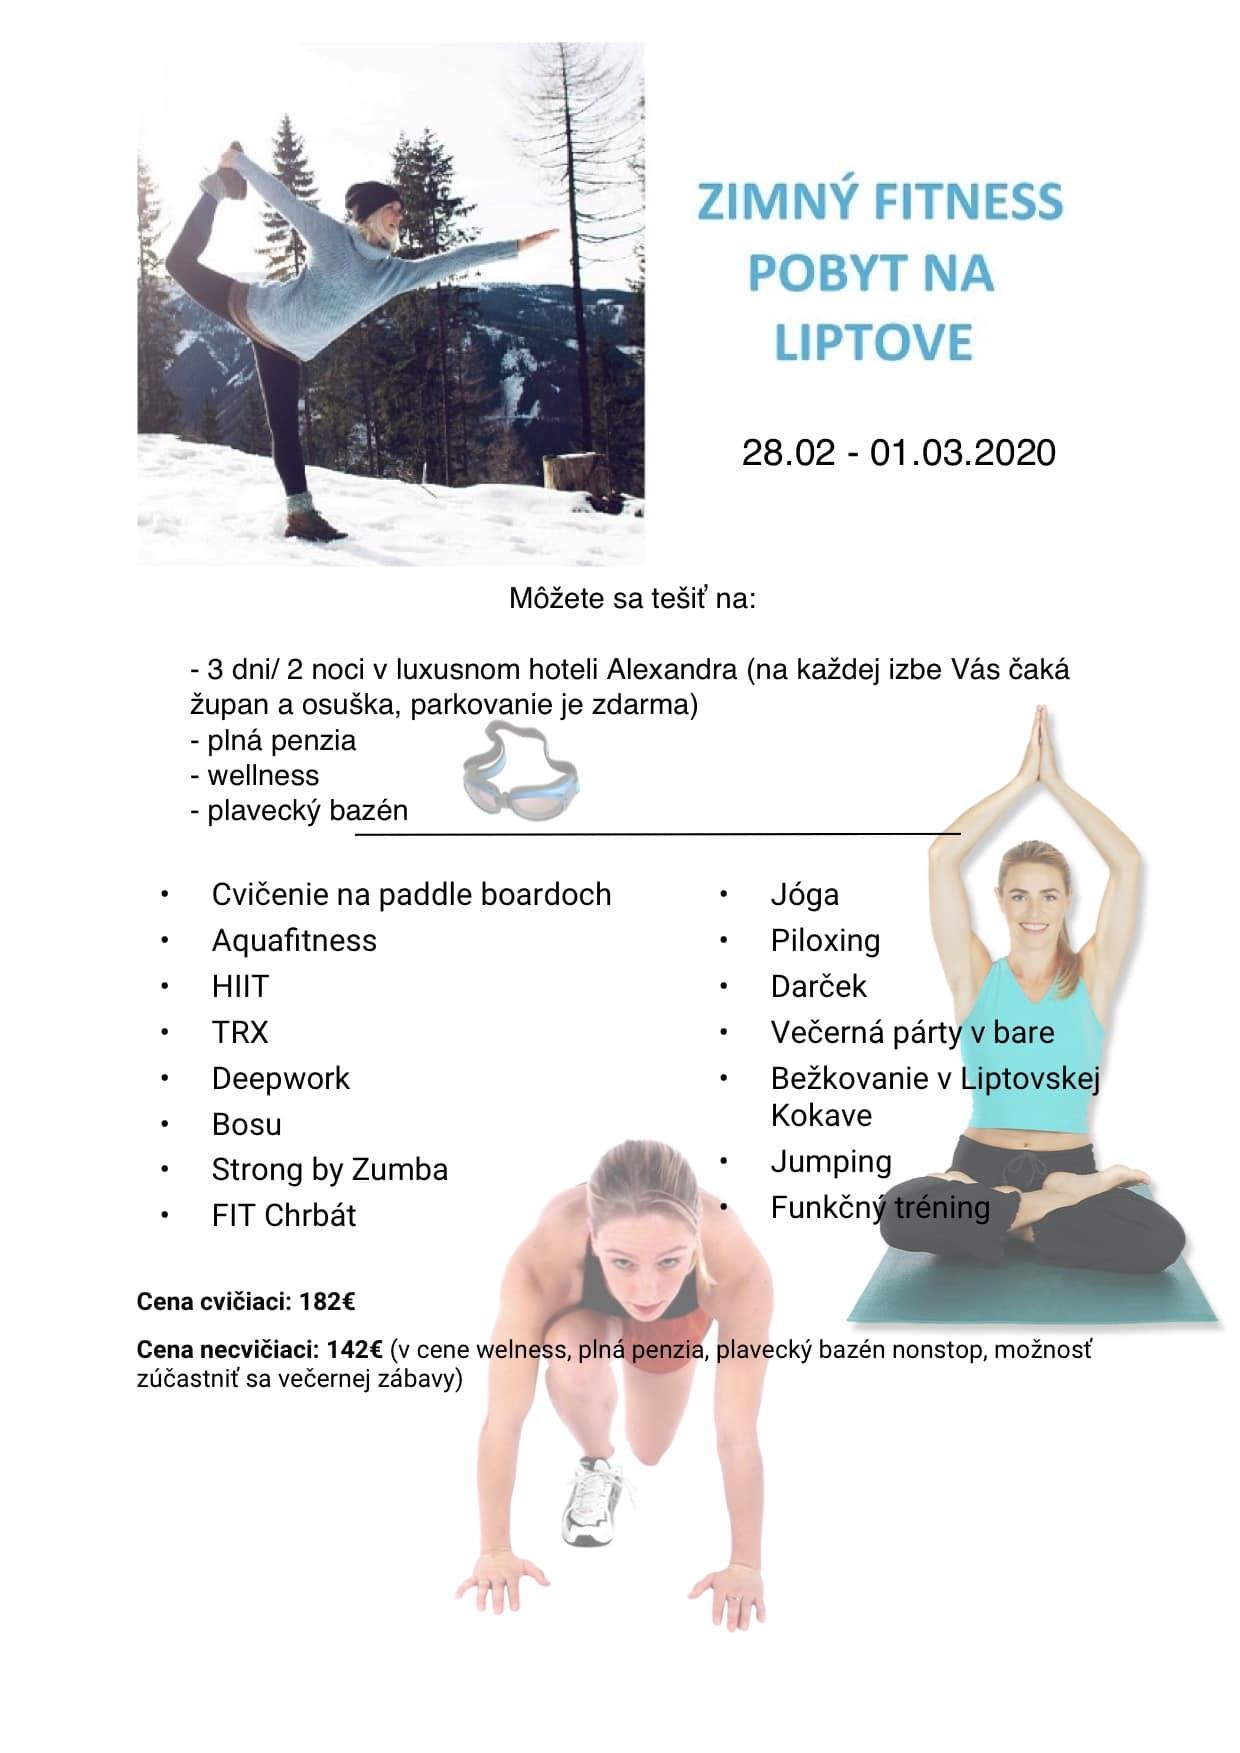 fit-zona - zimny fitness pobyt liptov